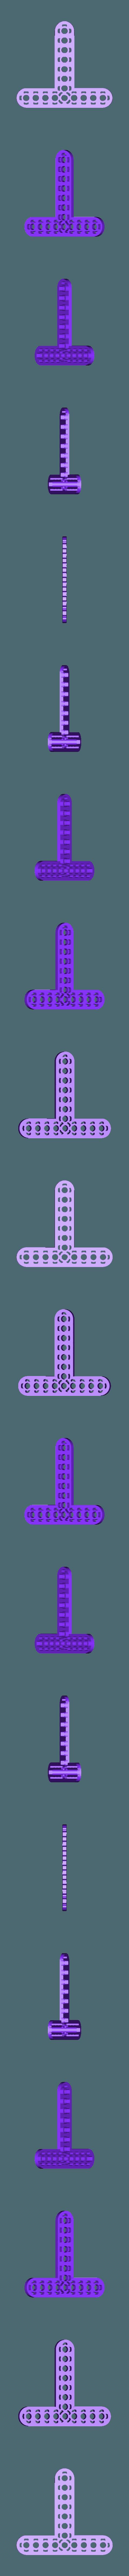 T_9_8.STL Télécharger fichier STL gratuit MEGA Expansion 200+ Pièces • Plan à imprimer en 3D, Pwentey